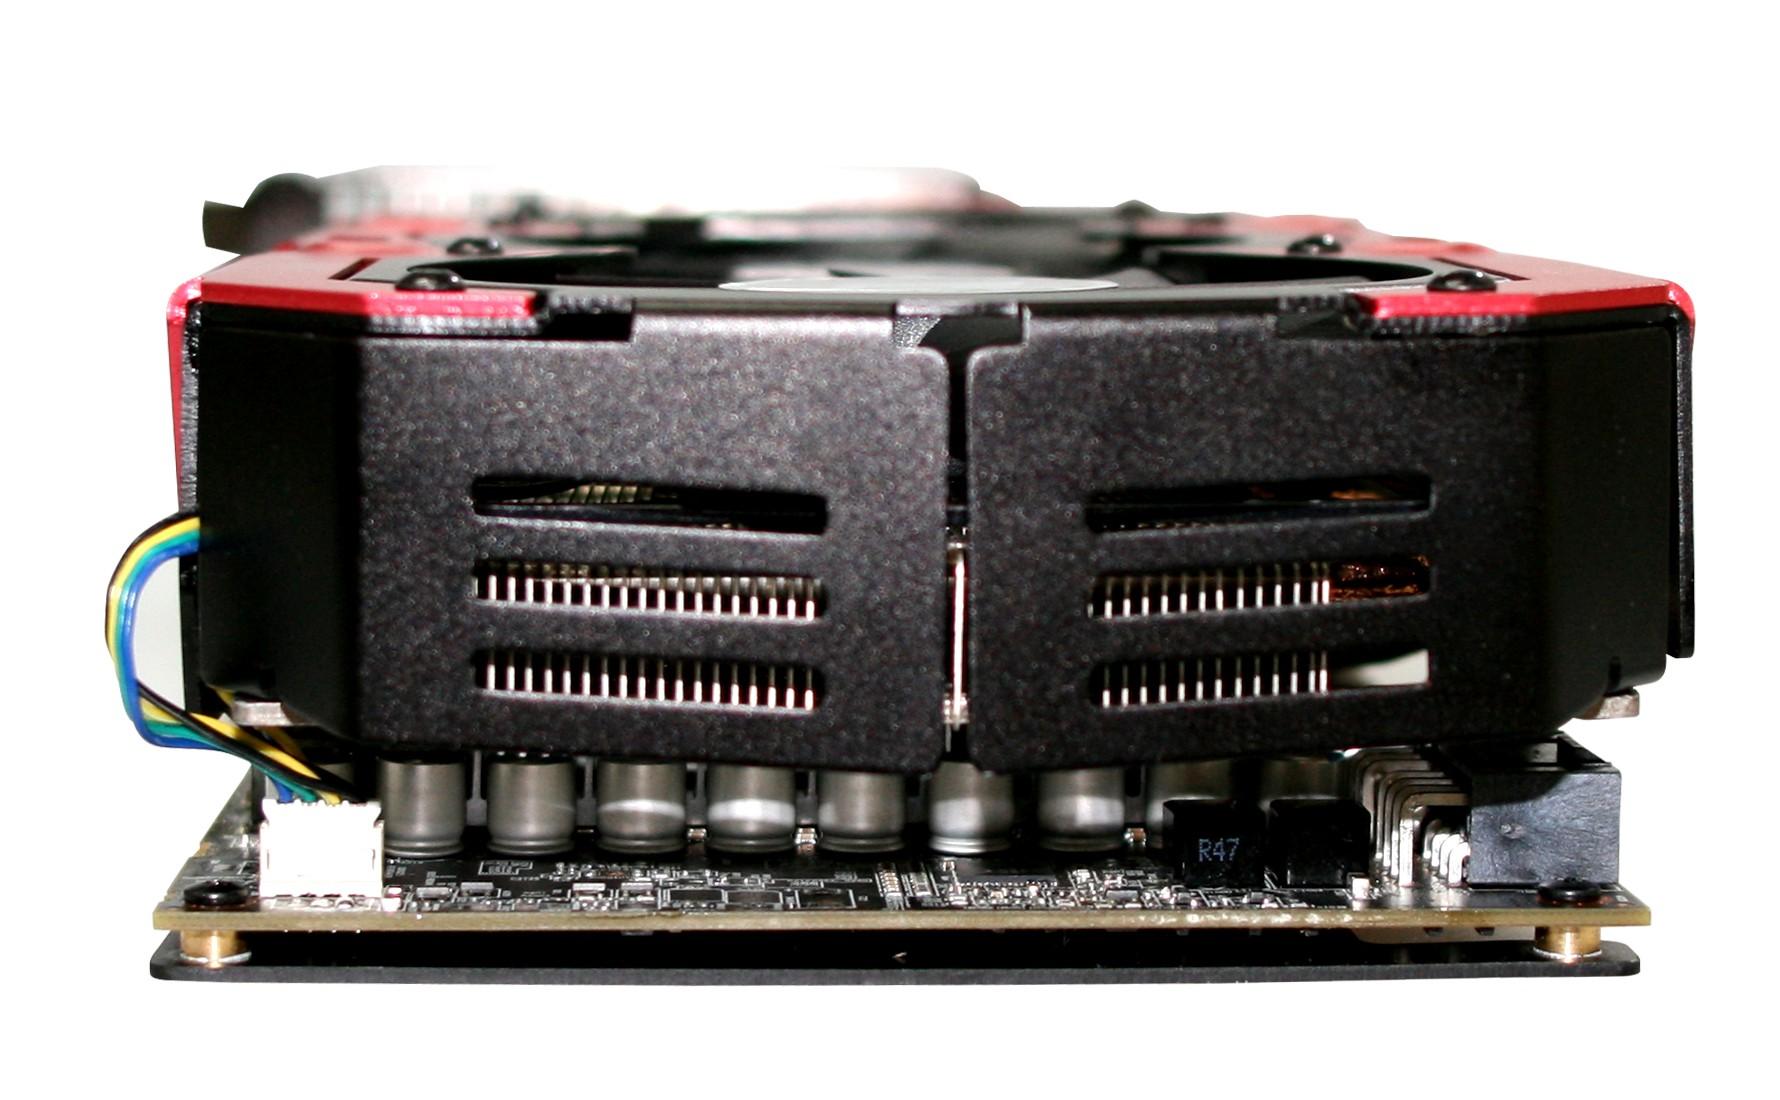 Powercolor Devil 13 HD7990: Grafikkarte mit zwei Tahiti-XT-GPUs bald erhältlich - Powercolor Devil 13 HD7990 - Vorderseite (Bild: Hersteller)